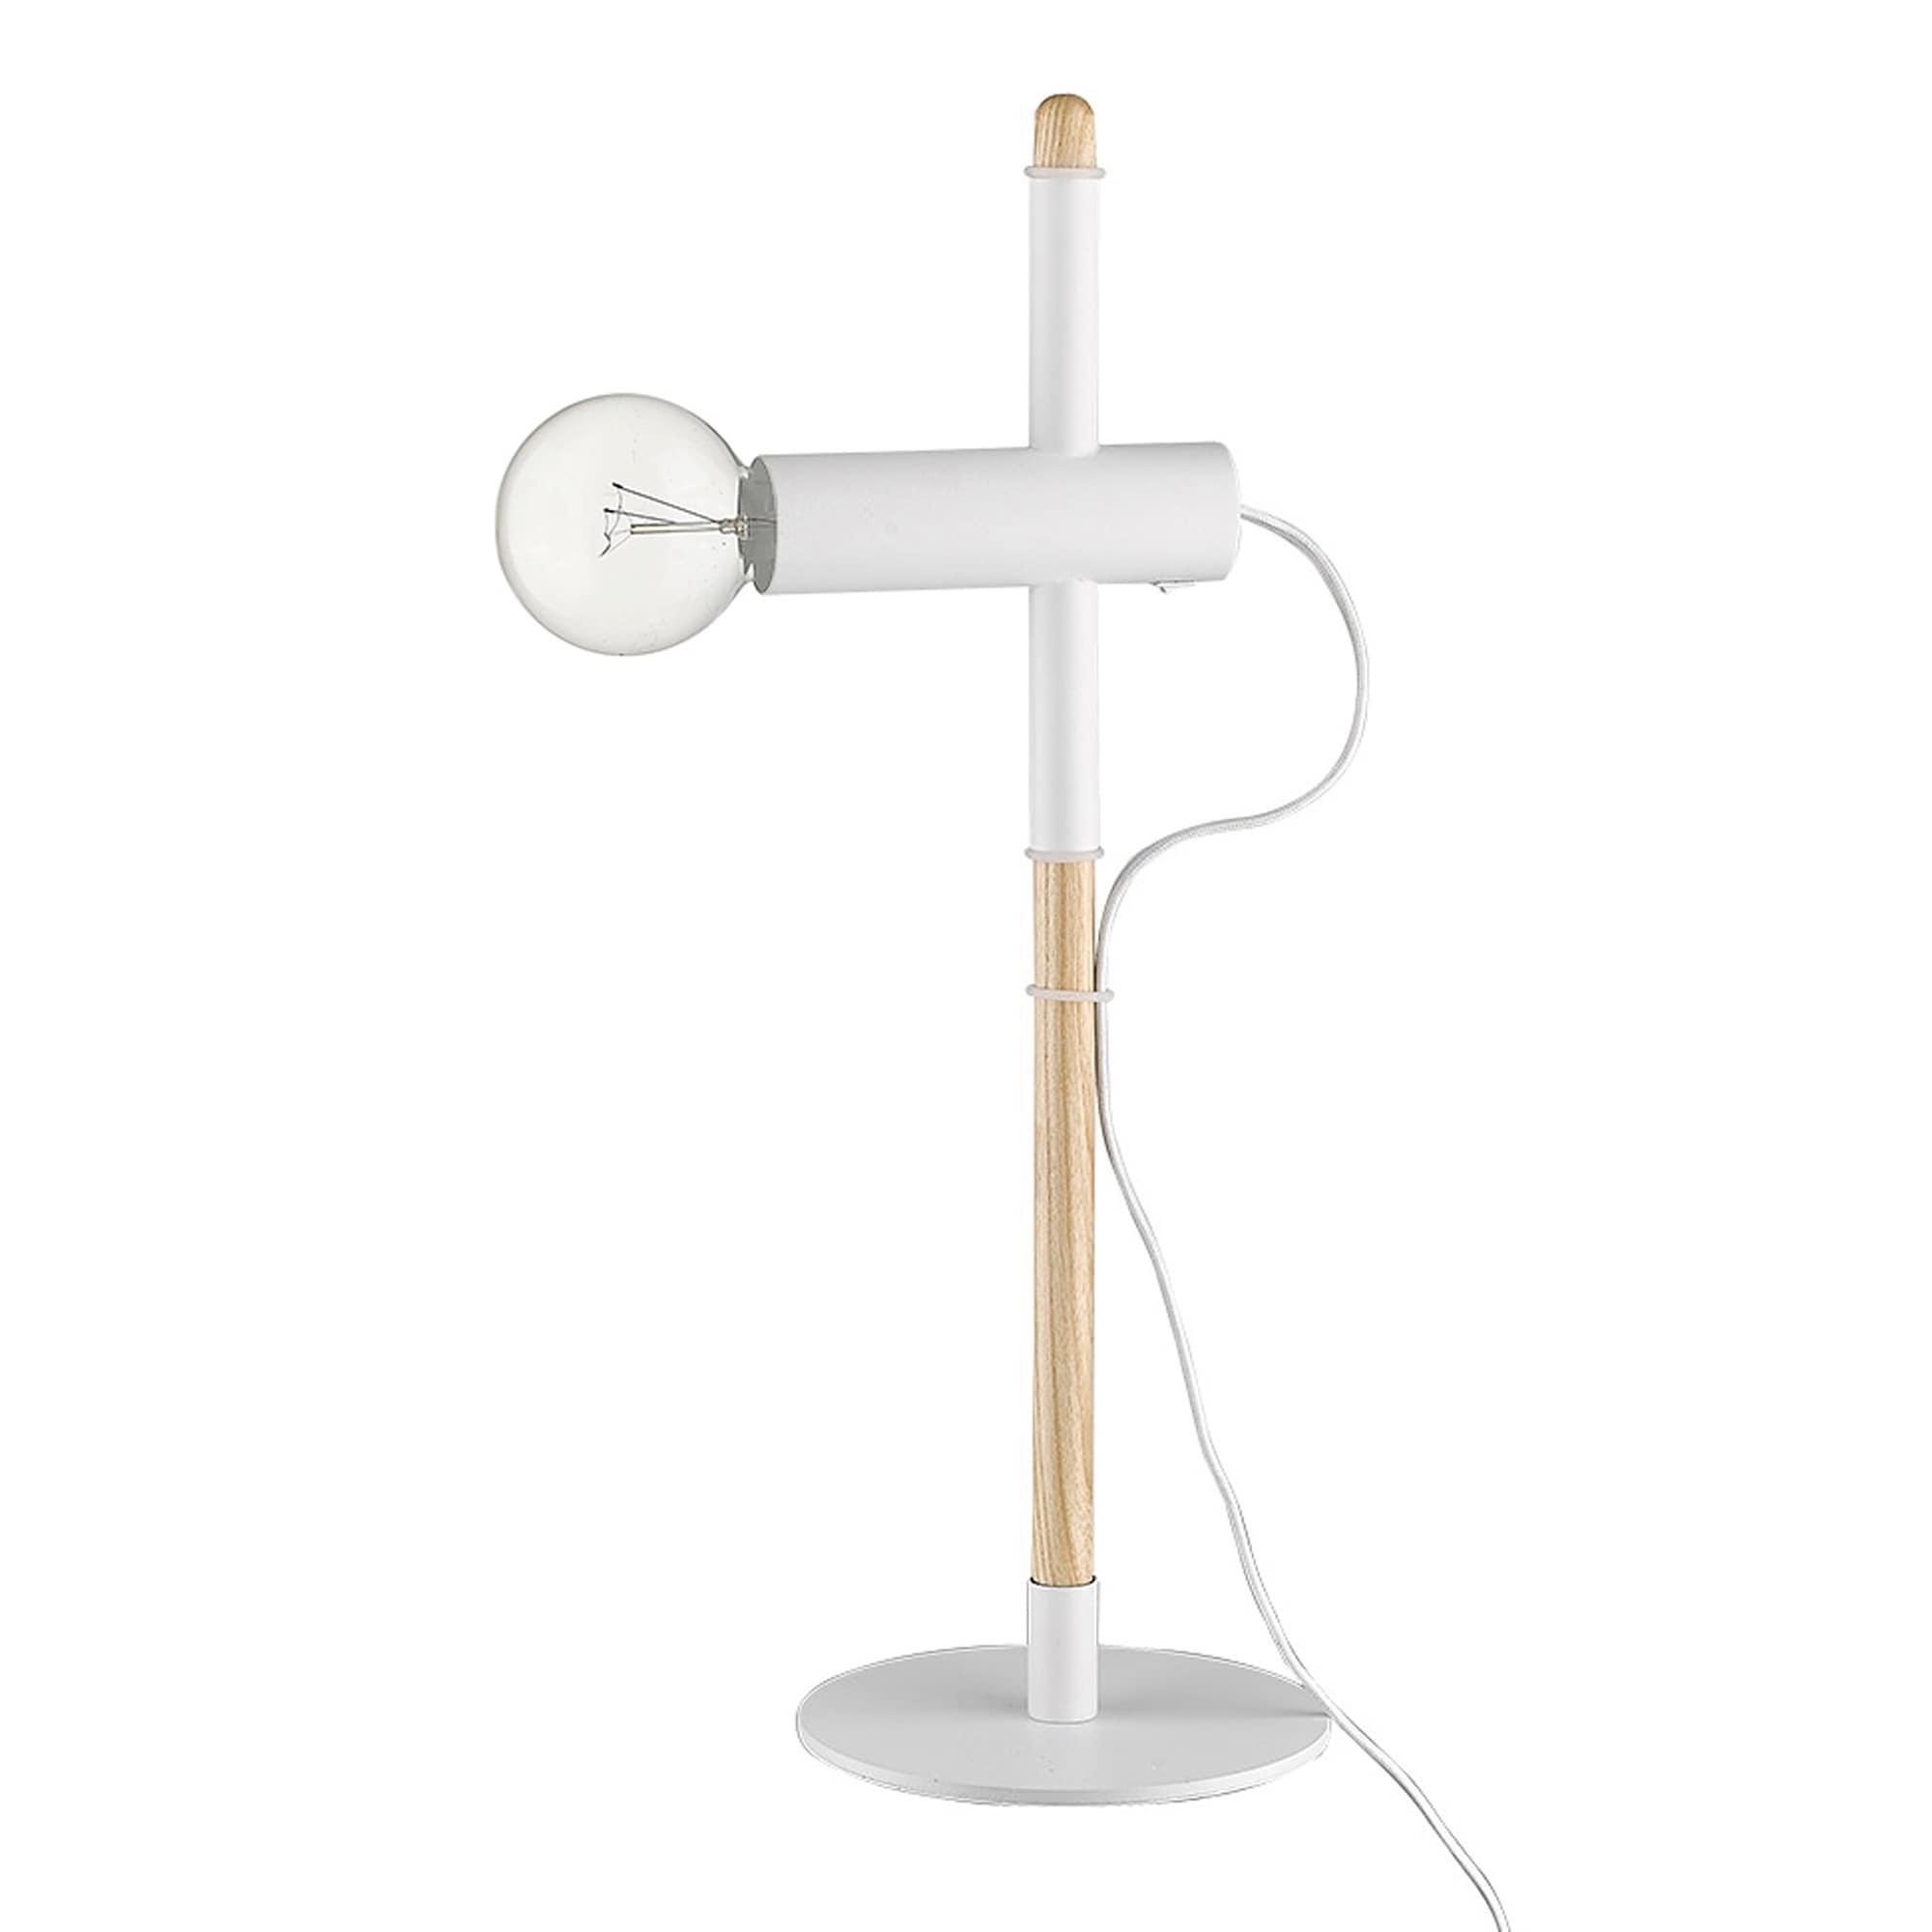 Hilyte 1-Light White Table Lamp